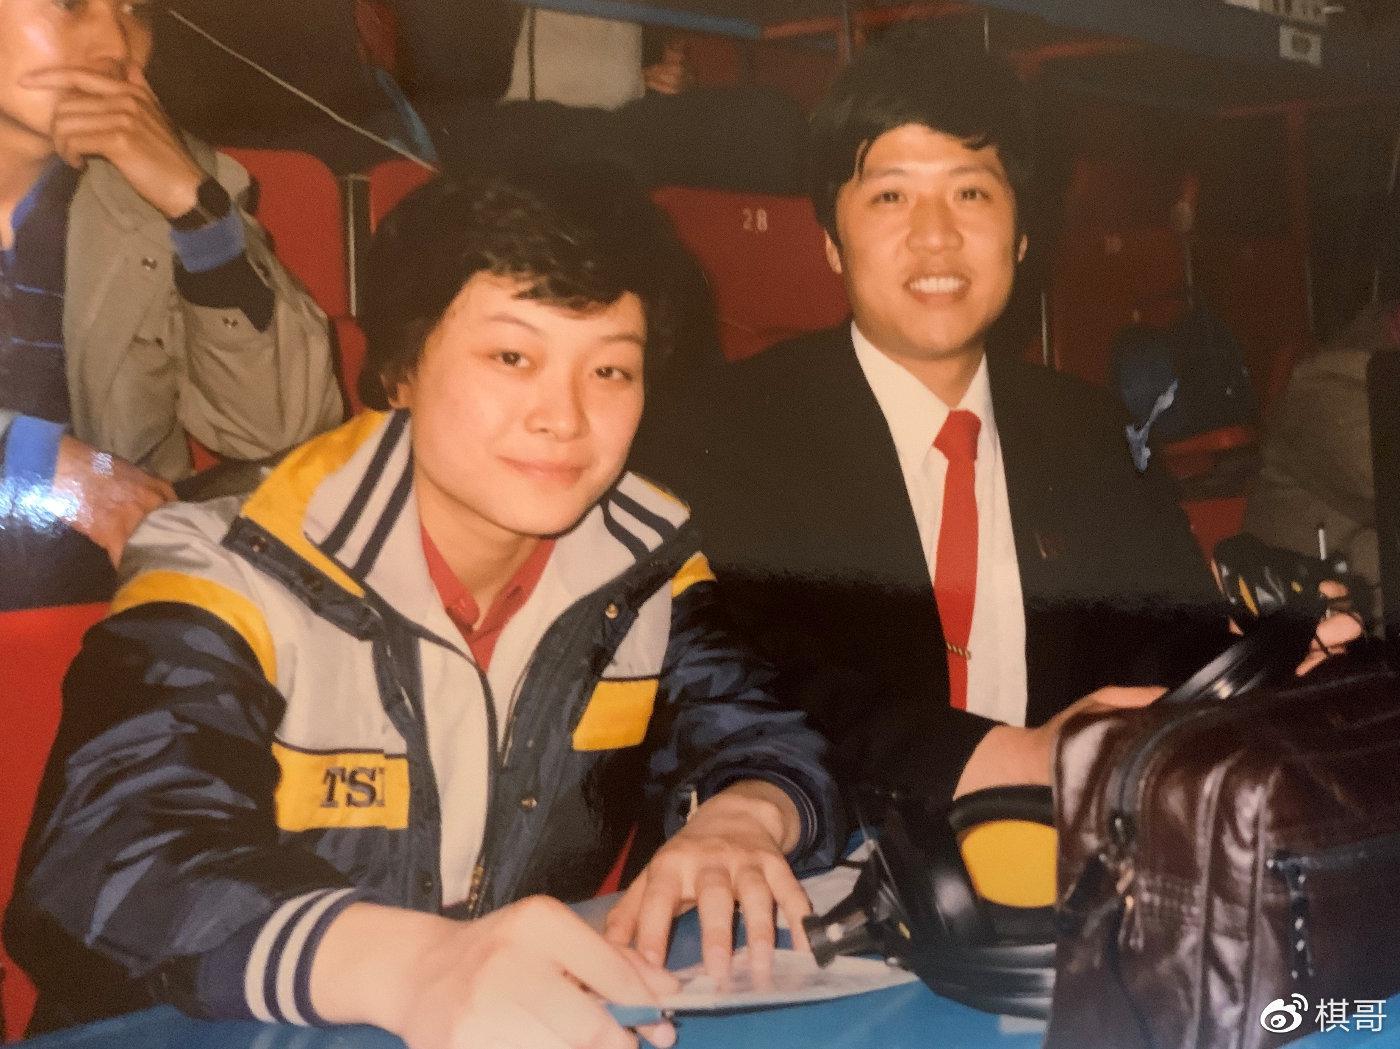 作者1985年与何智丽在38届世界乒乓球锦标赛相符影